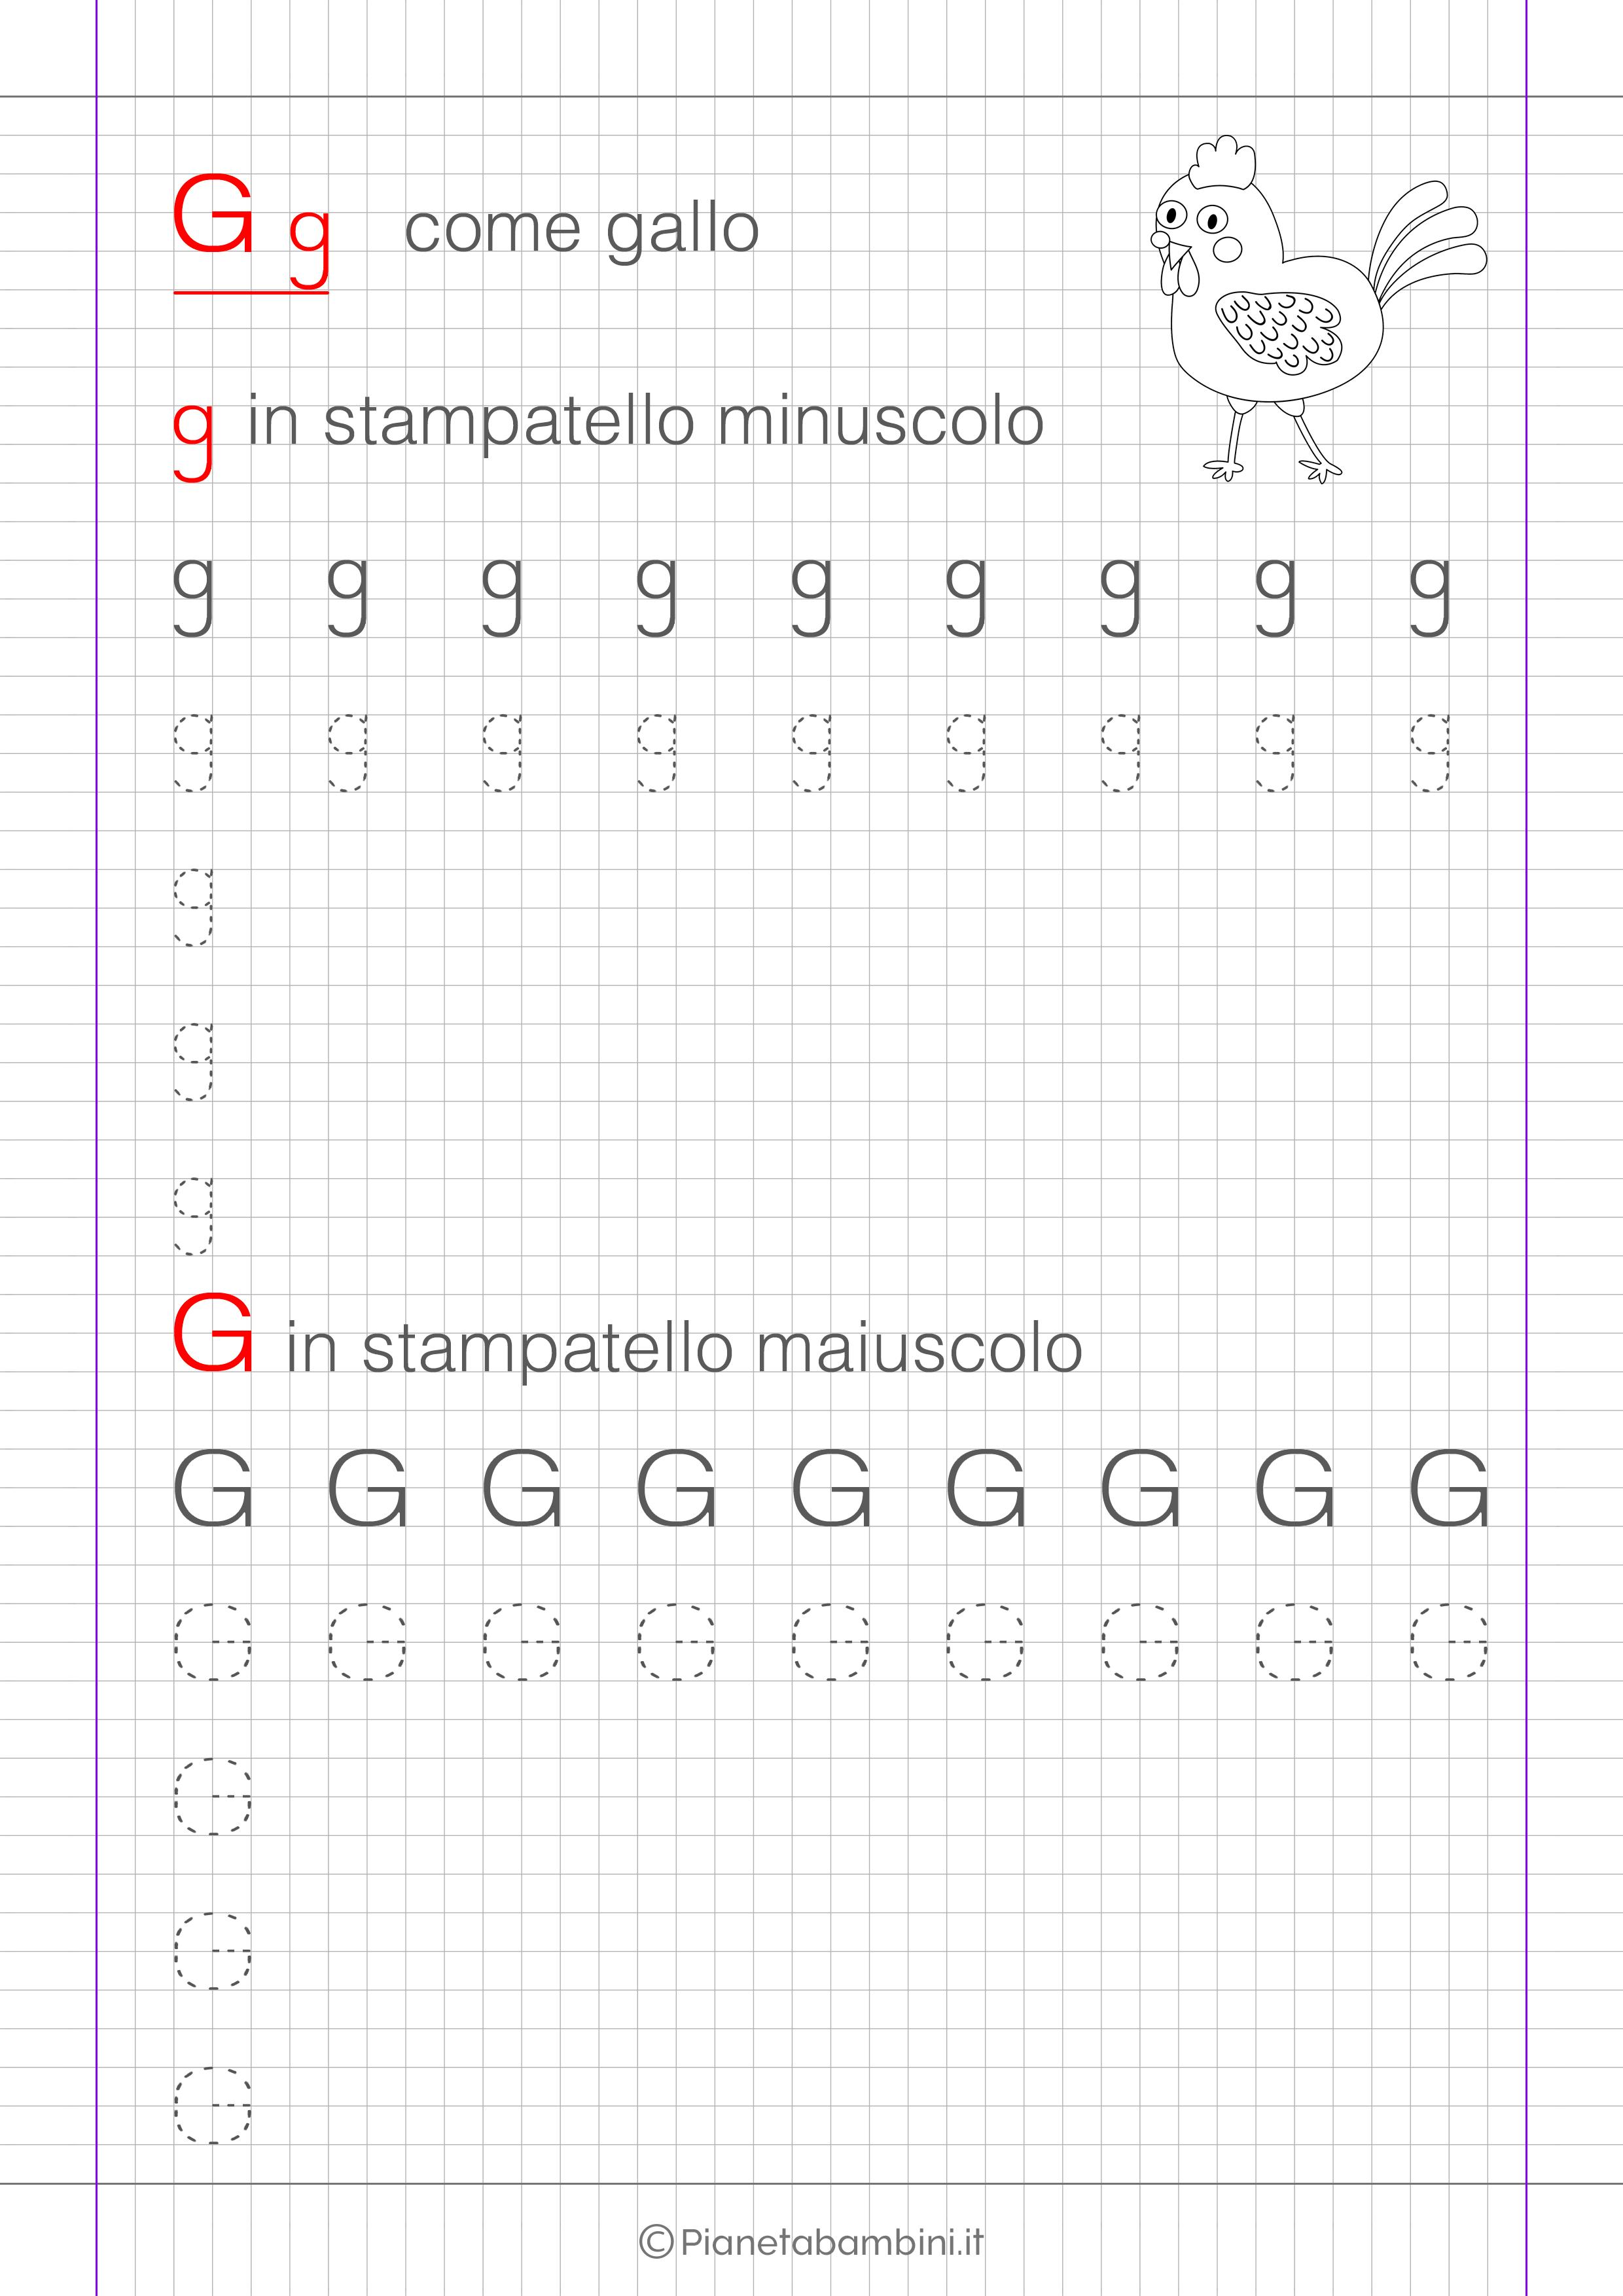 Scheda di pregrafismo lettera G in stampatello